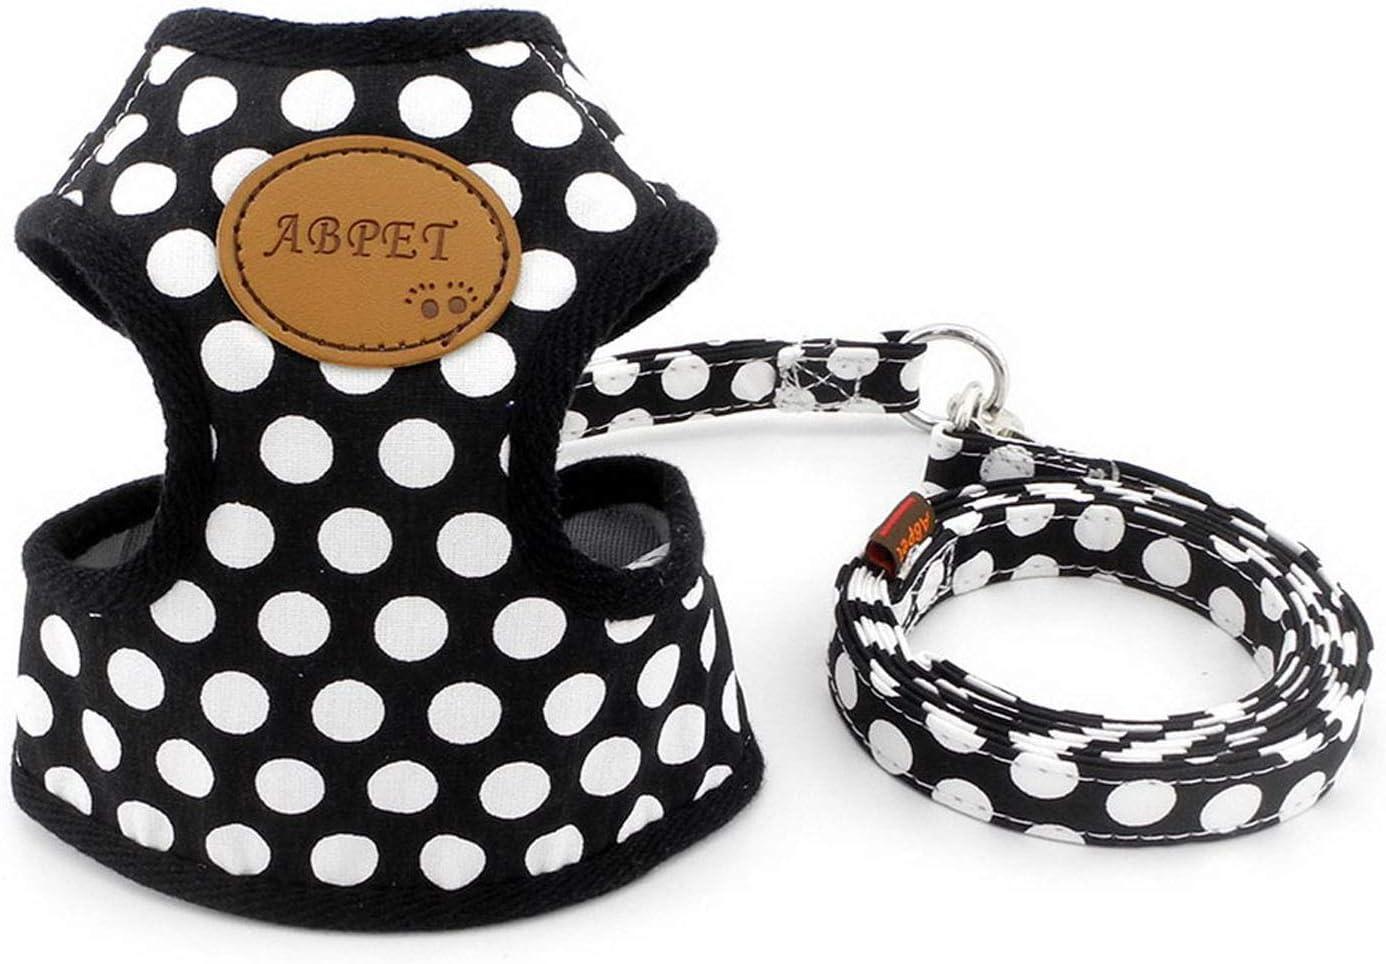 Zunea Nylon Soft Mesh Traspirante Pet Puppy Small Dog Cat Vest Imbracatura e Guinzaglio Set Leads Regolabile No Pull Walking Control Nero S